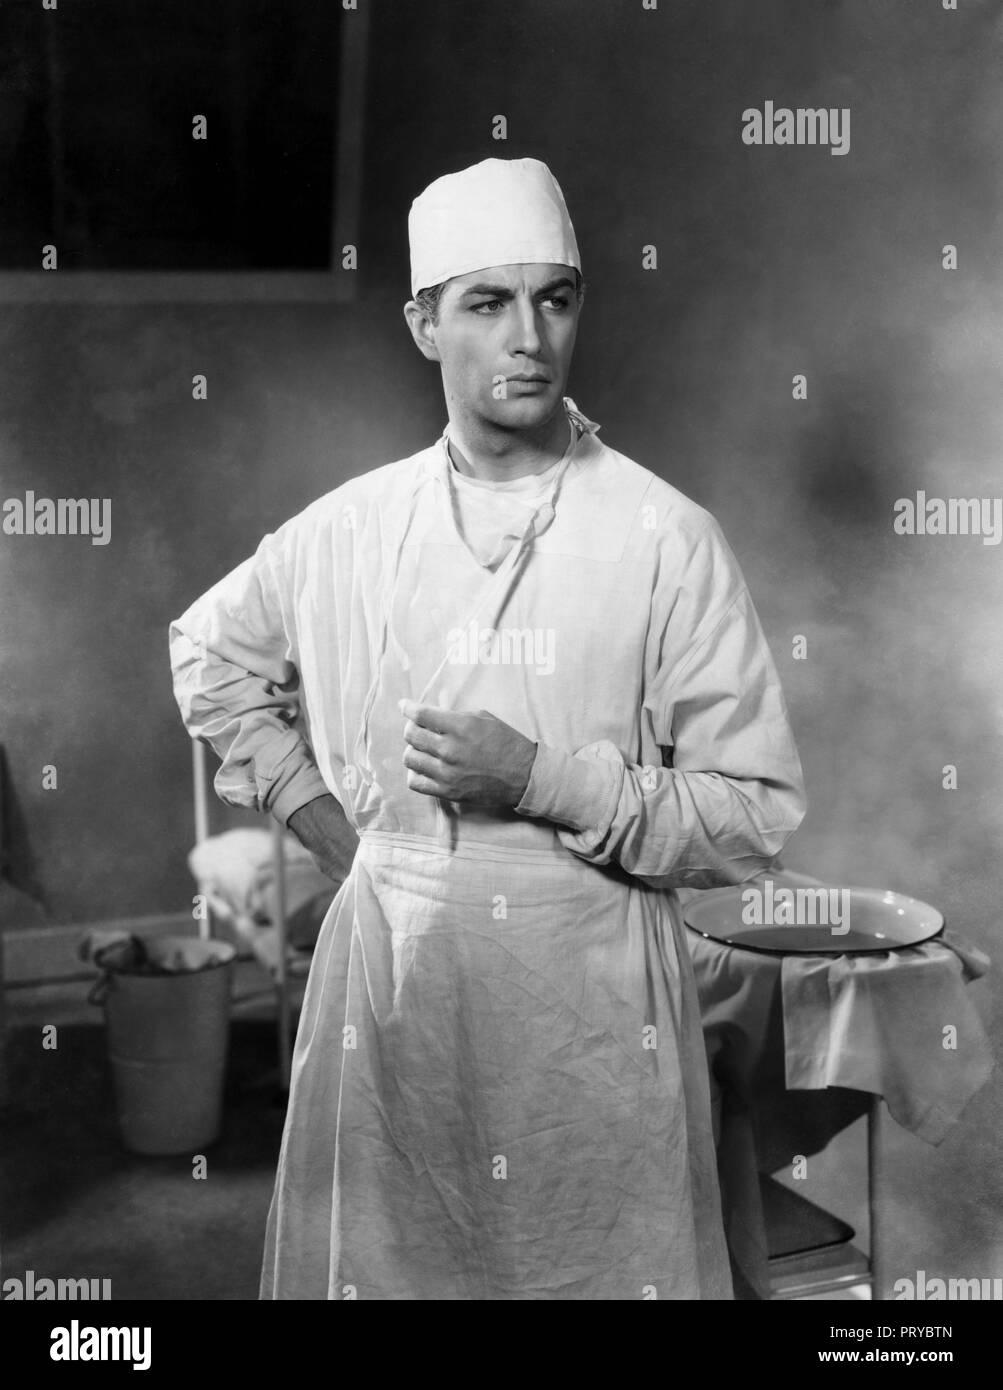 Prod DB © Universal Pictures / DR  LE SECRET MAGNIFIQUE MAGNIFICIENT OBSESSION de John Stahl 1935 USA  Robert Taylor. blouse blanche; chirurgien; doct - Stock Image